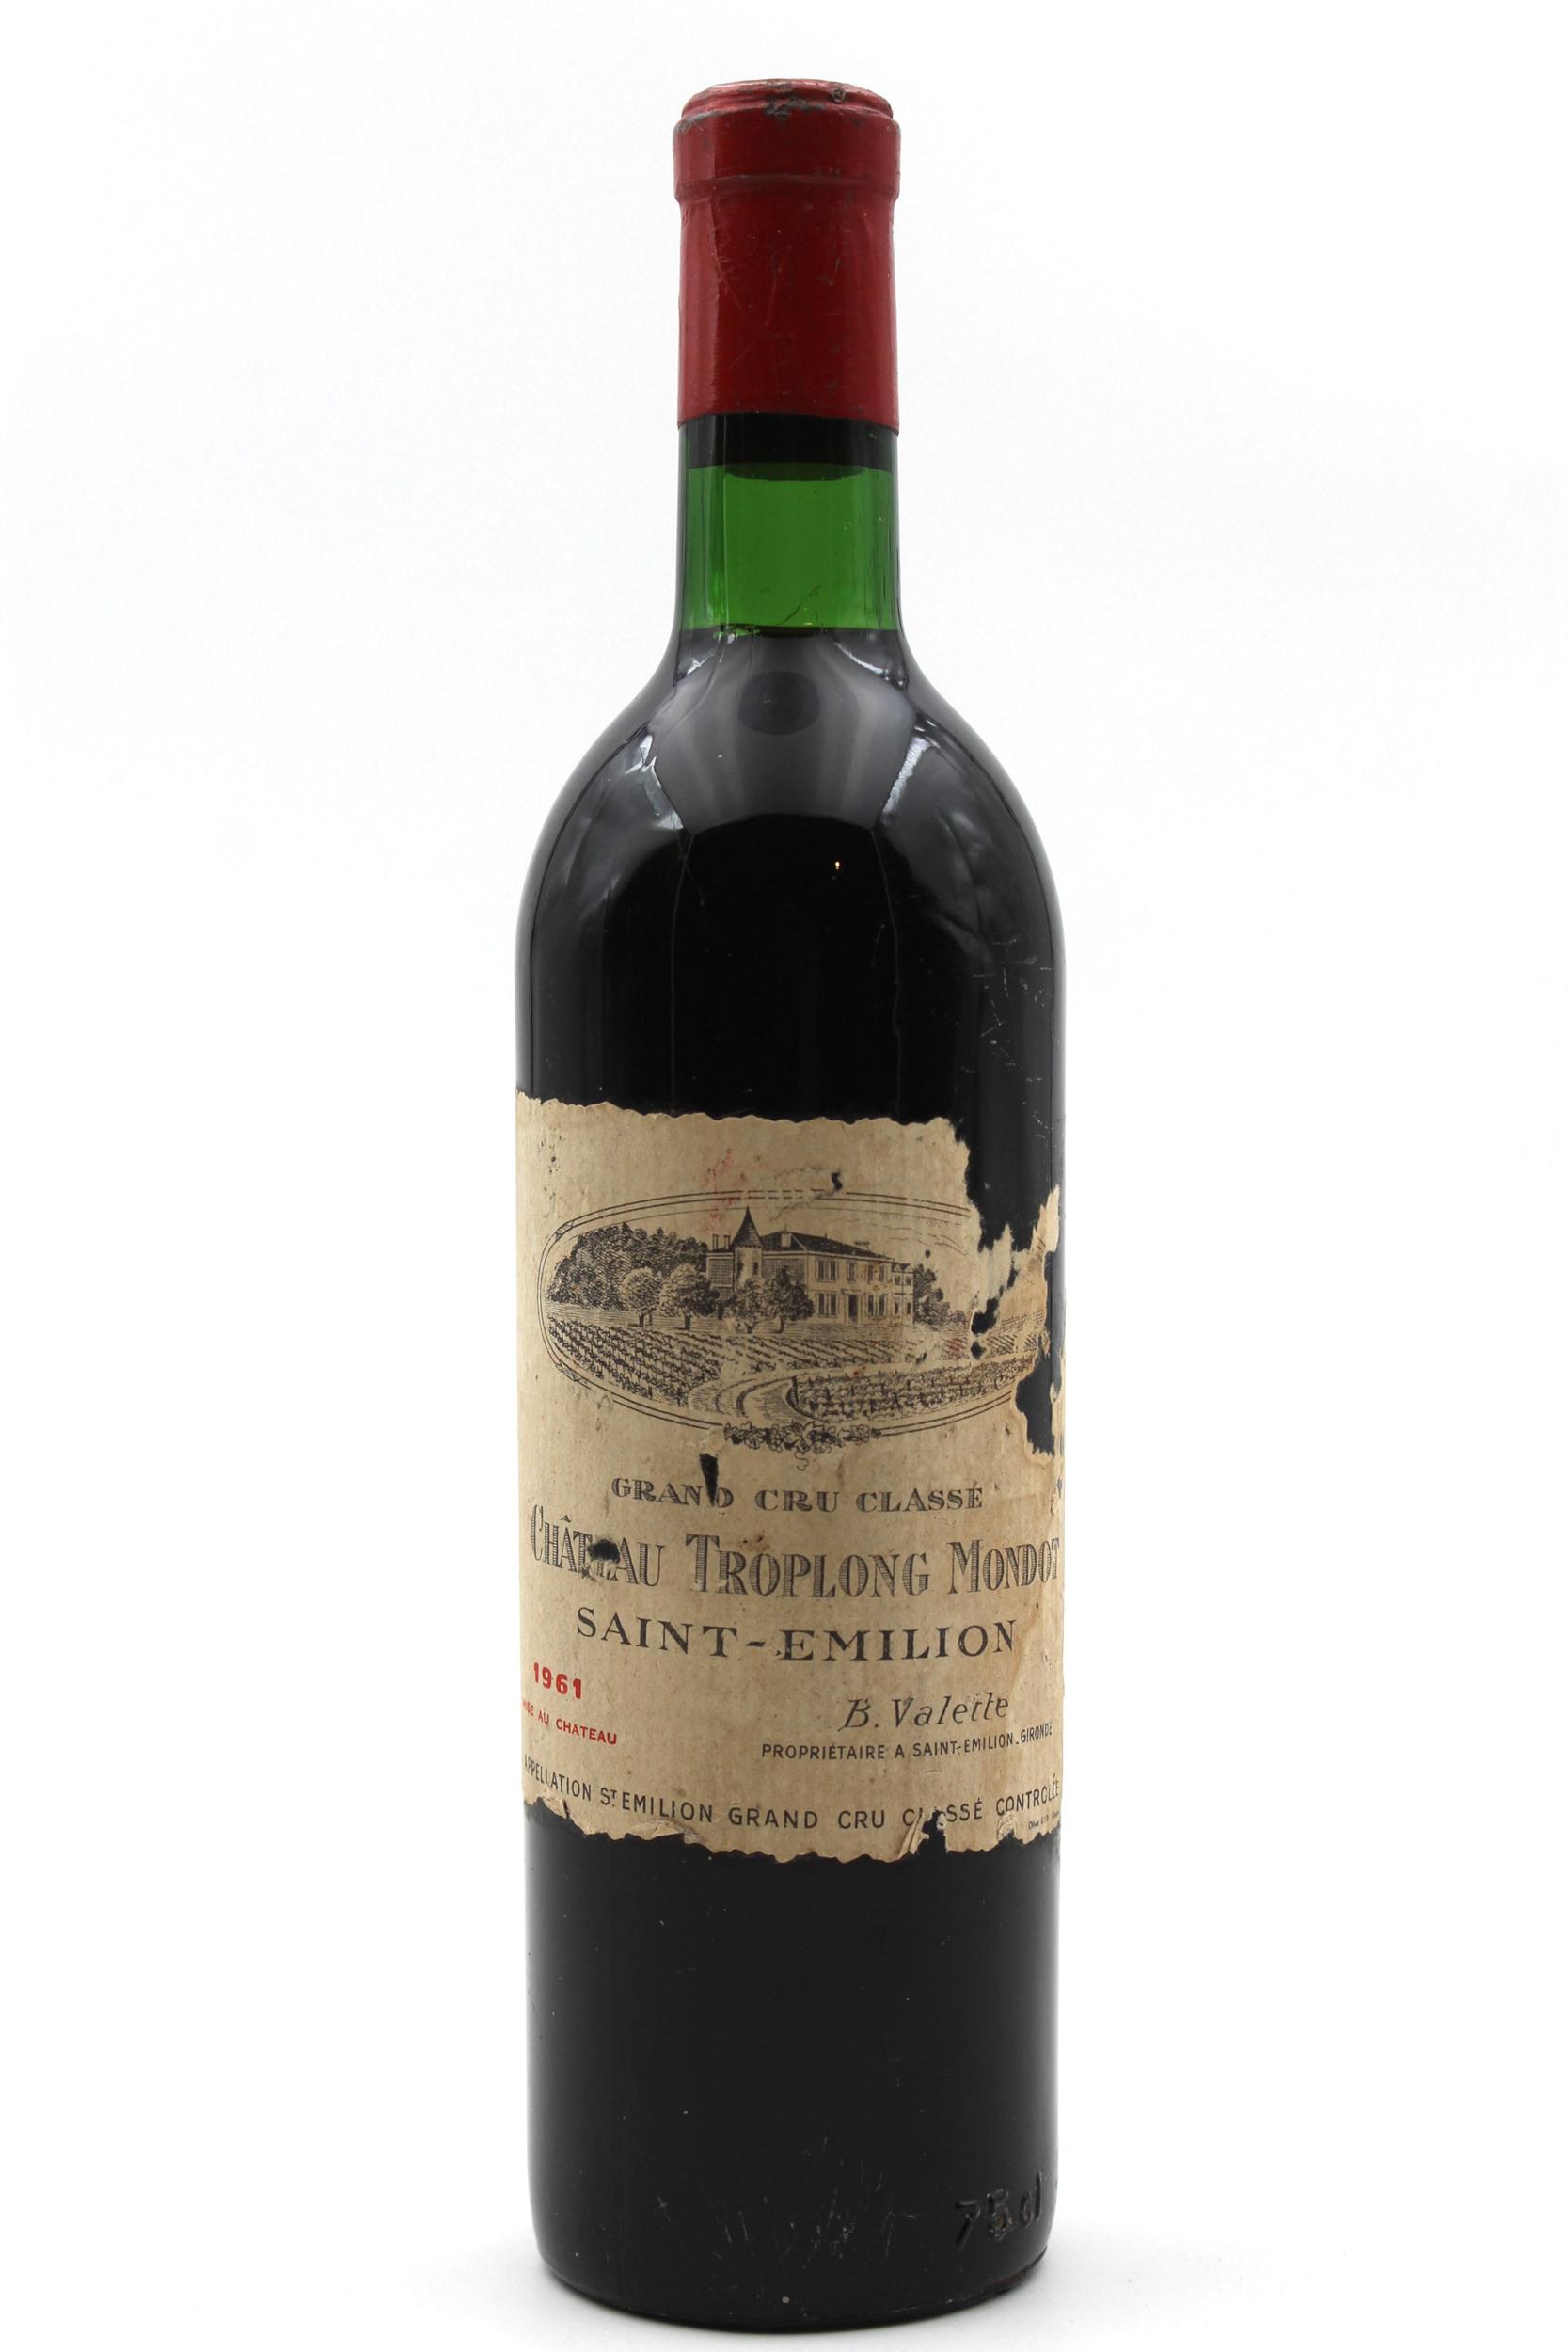 Château Troplong Mondot 1961 - Vin Rouge - 75cl - Aoc - Saint-Émilion